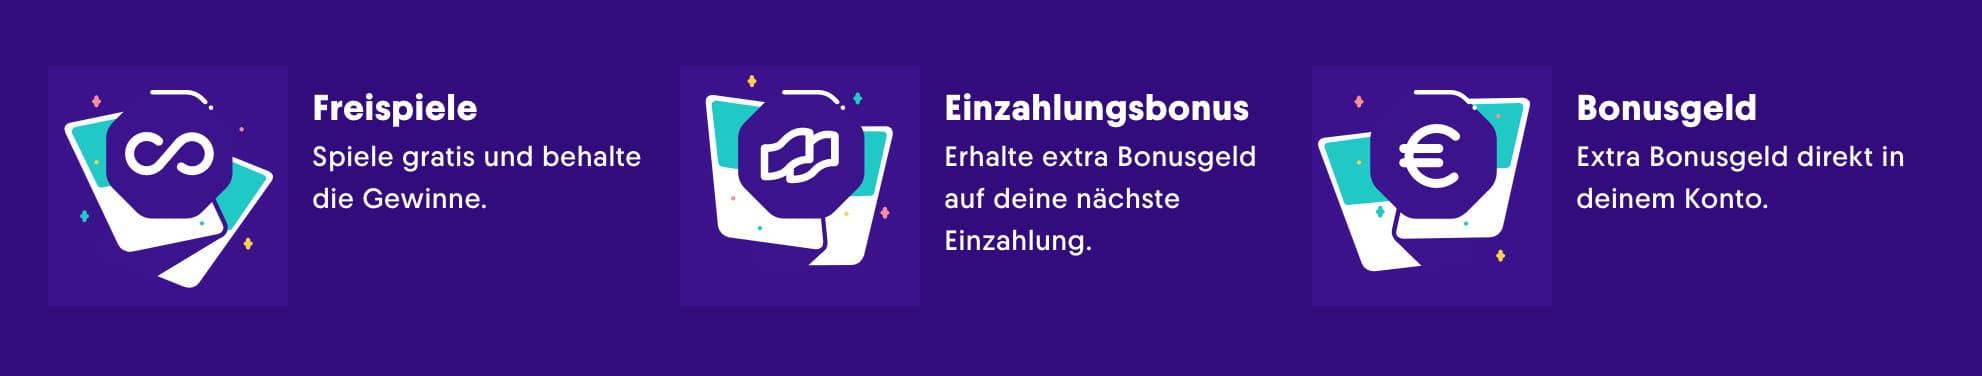 Casumo Bonusgeld